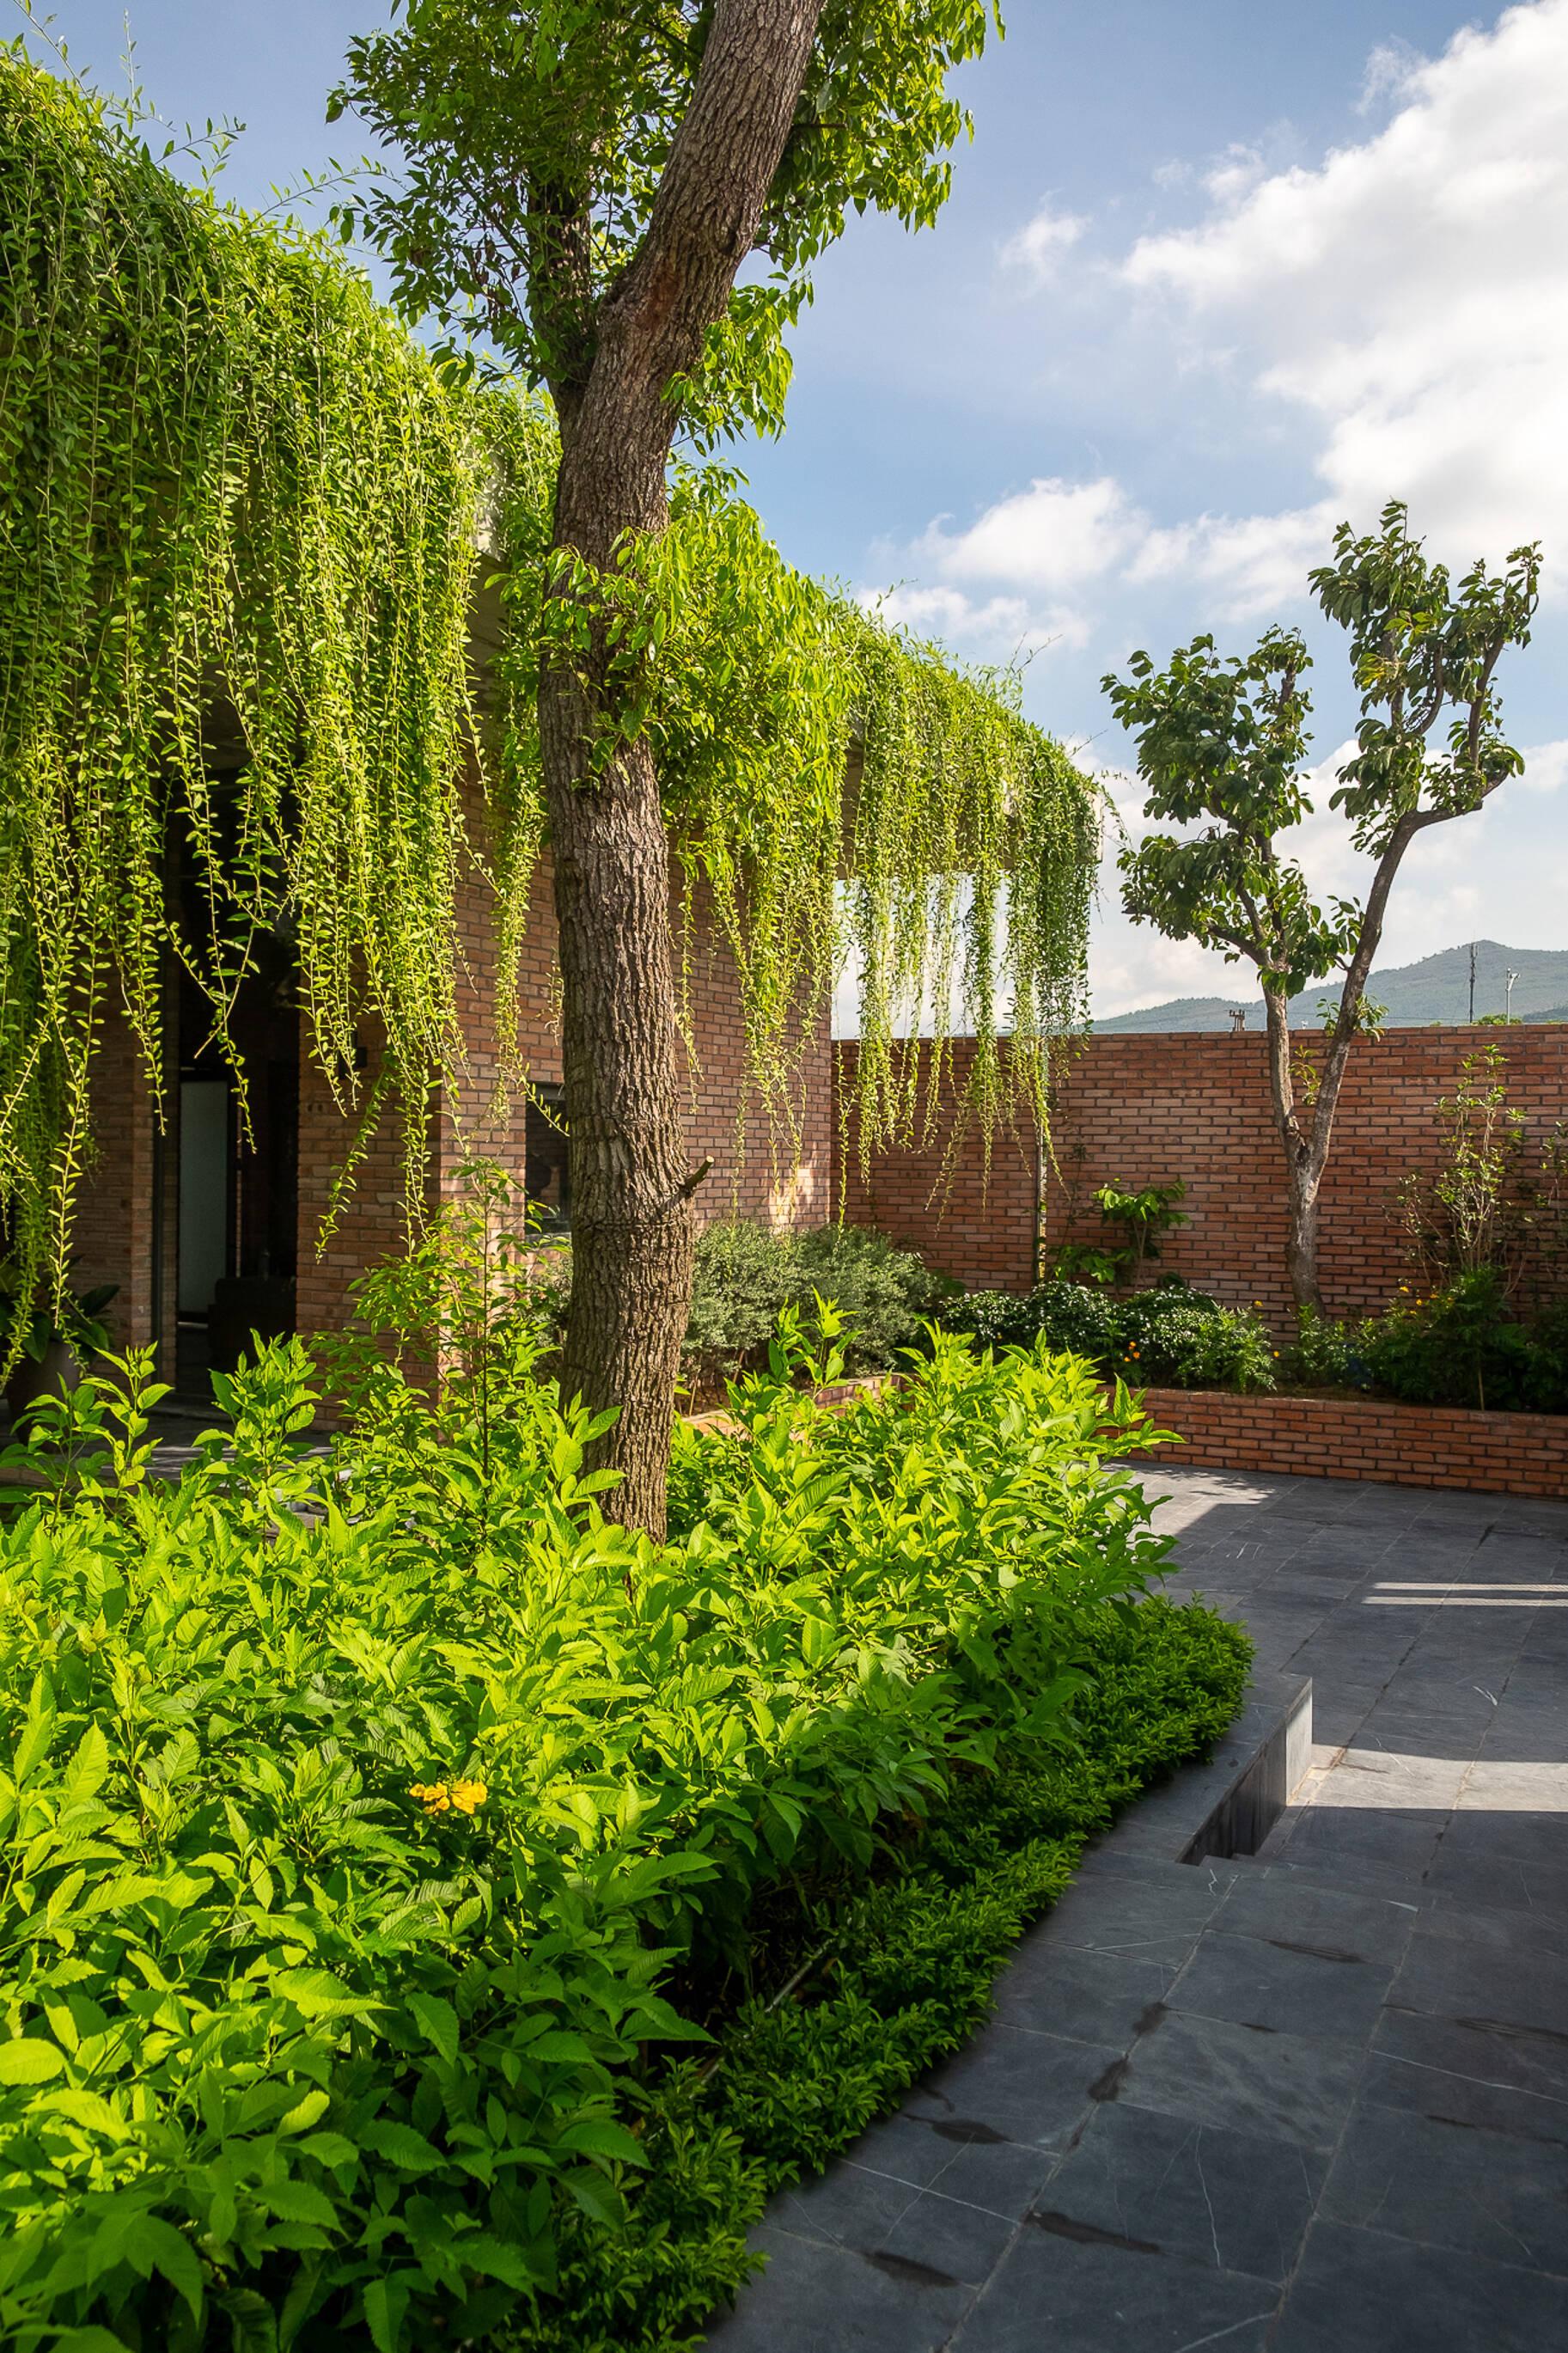 Cây xanh không chỉ có tác dụng chắn nắng, điều hòa không khí mà còn tạo vẻ thẩm mỹ cho ngôi nhà.